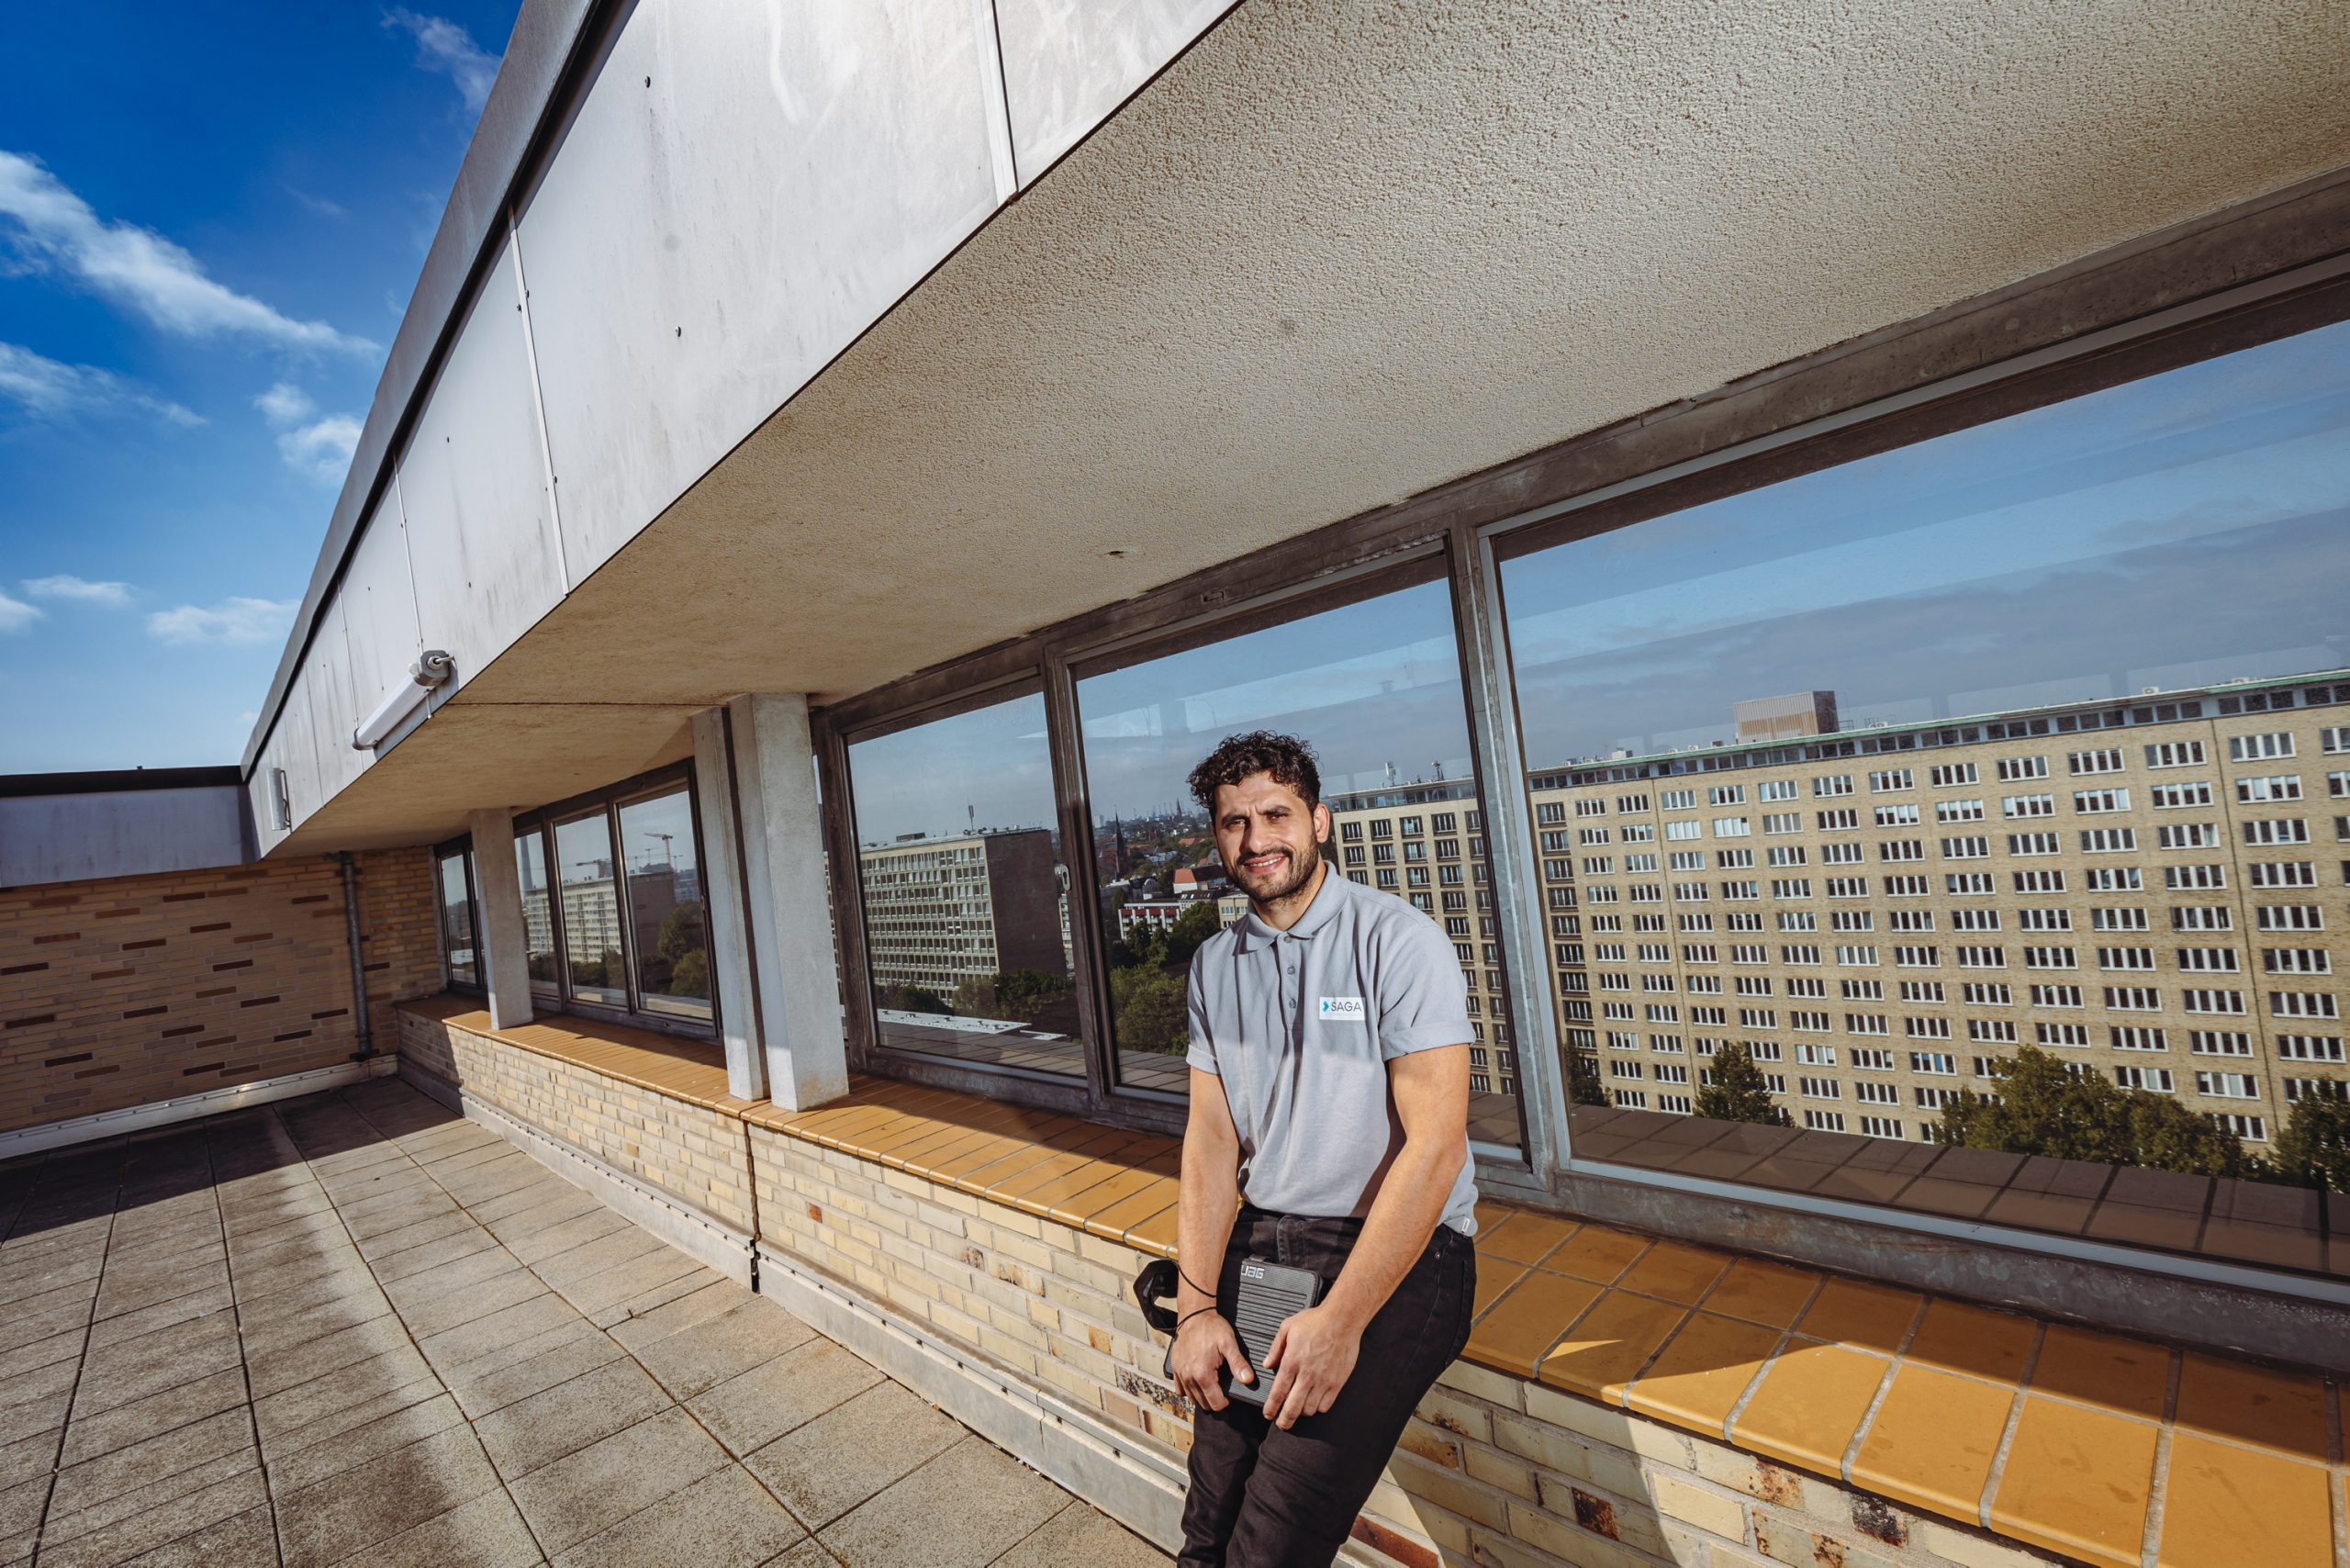 Mann auf Dachterrasse